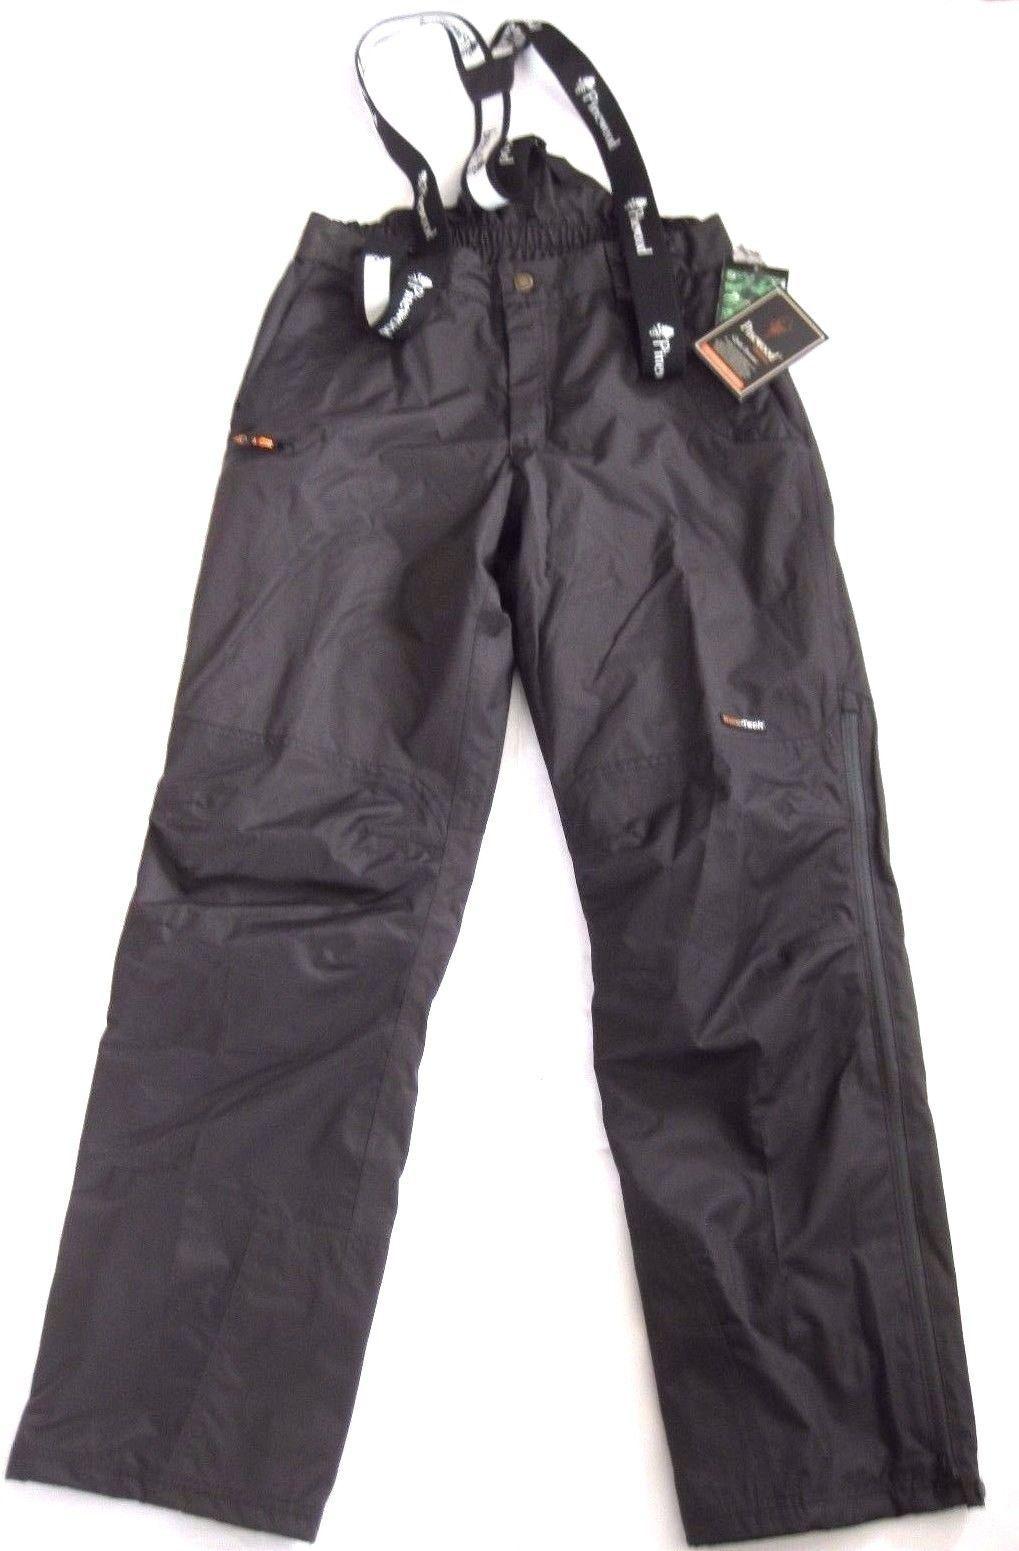 Pinewood Wengen Männer Regenhose mit Stretch Hosenträger wasserdicht schwarz S,M,L